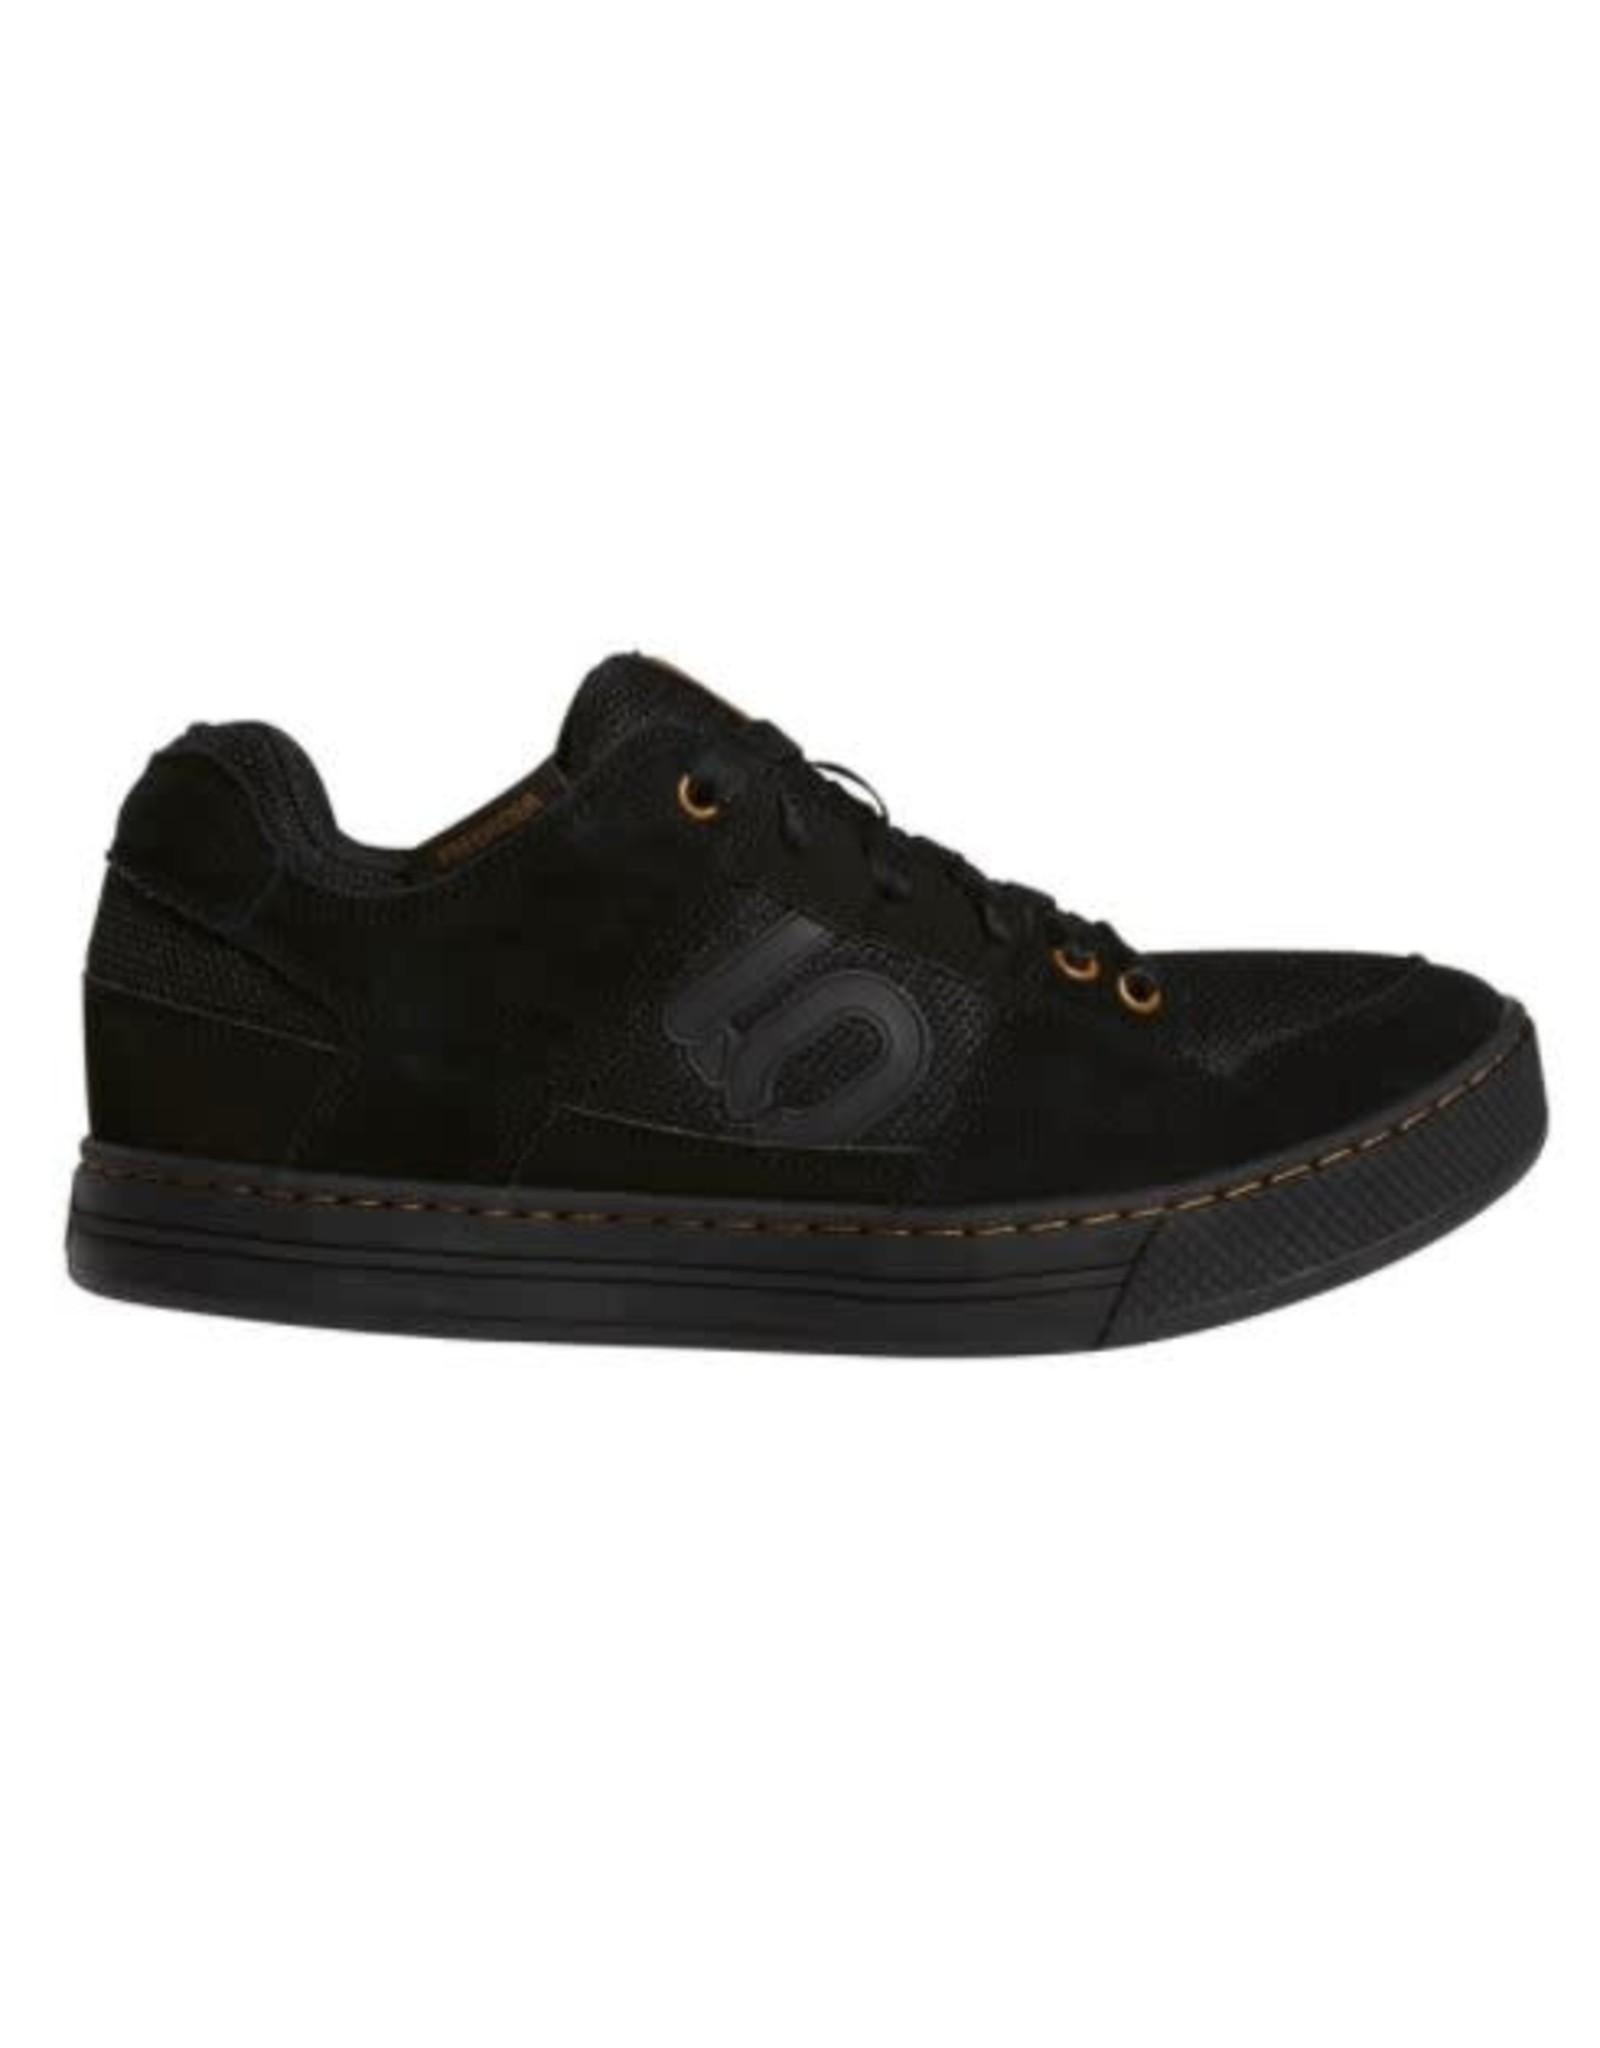 Five Ten Fiveten Freerider Shoes